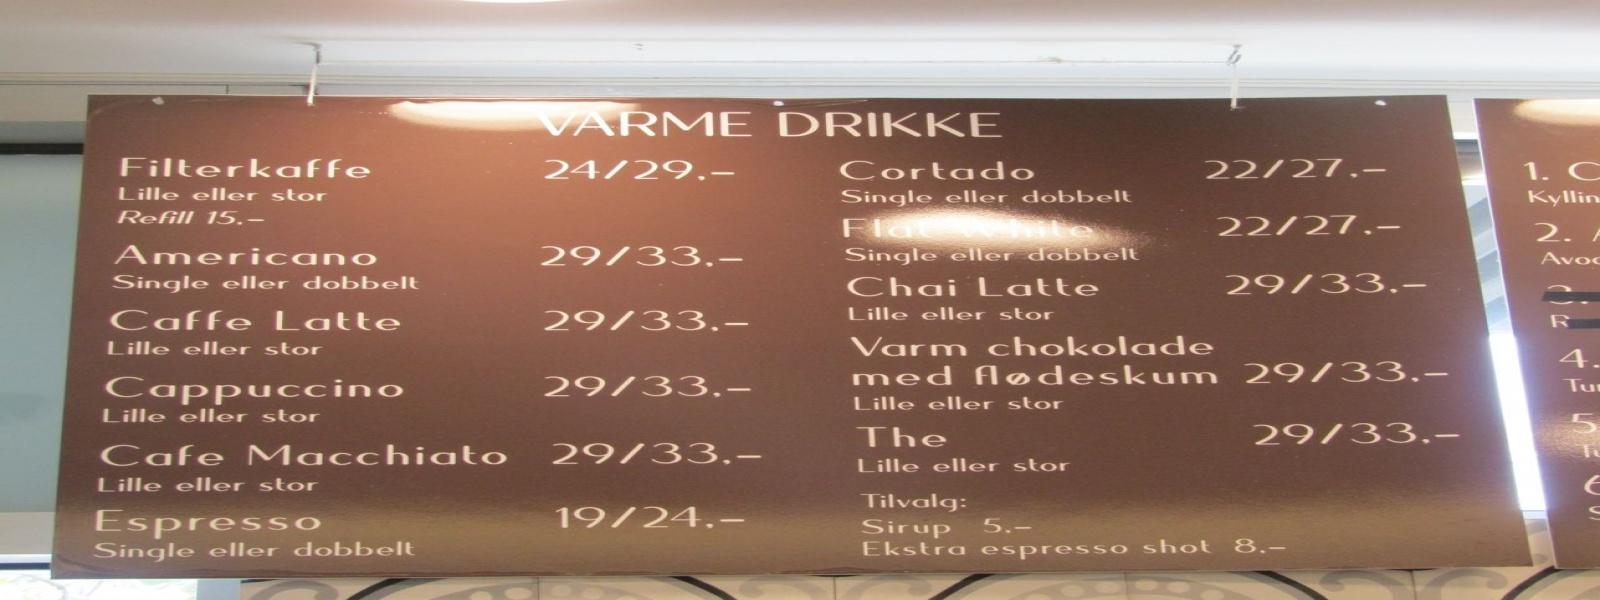 Restauration, pub og cafe,Til salg,1249